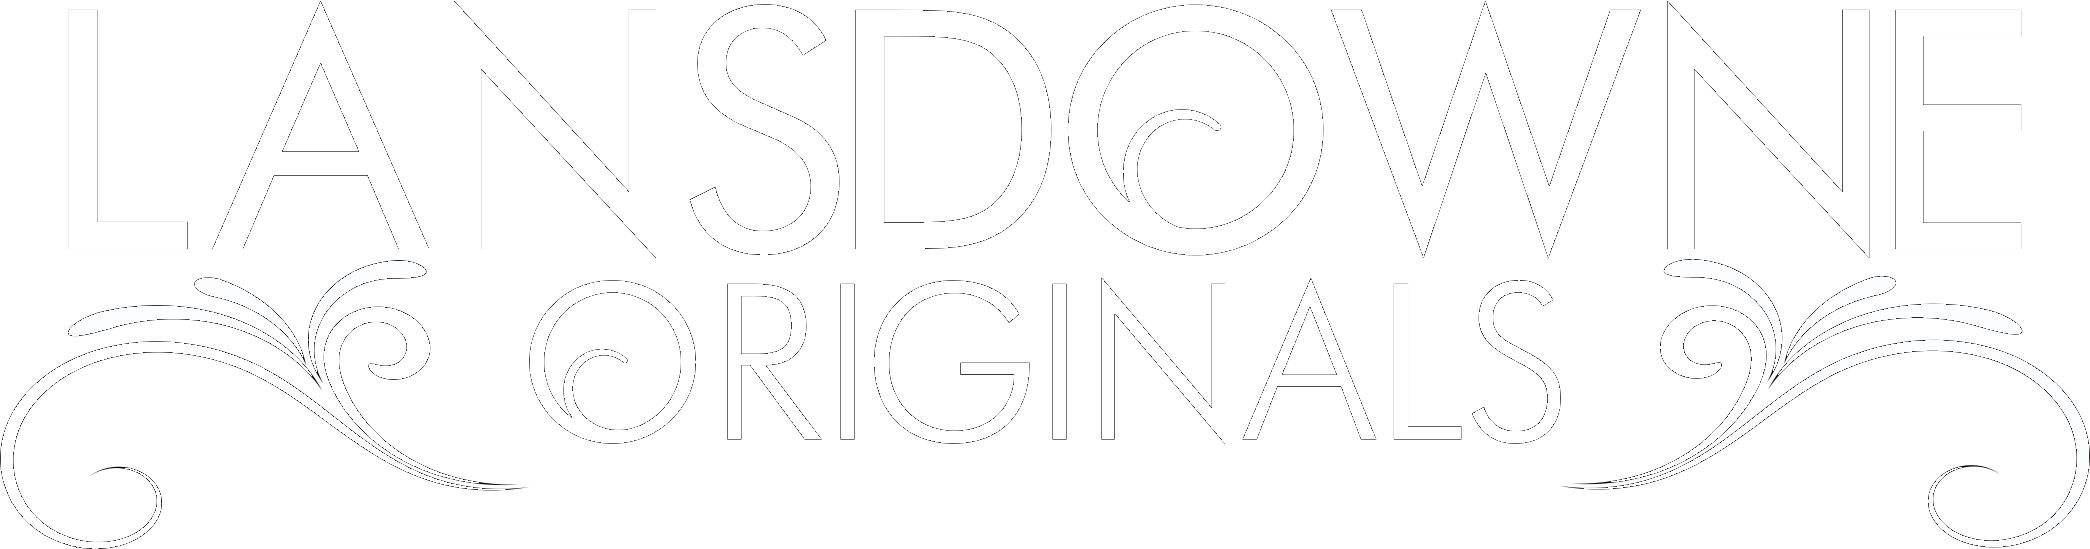 Lansdowne Originals